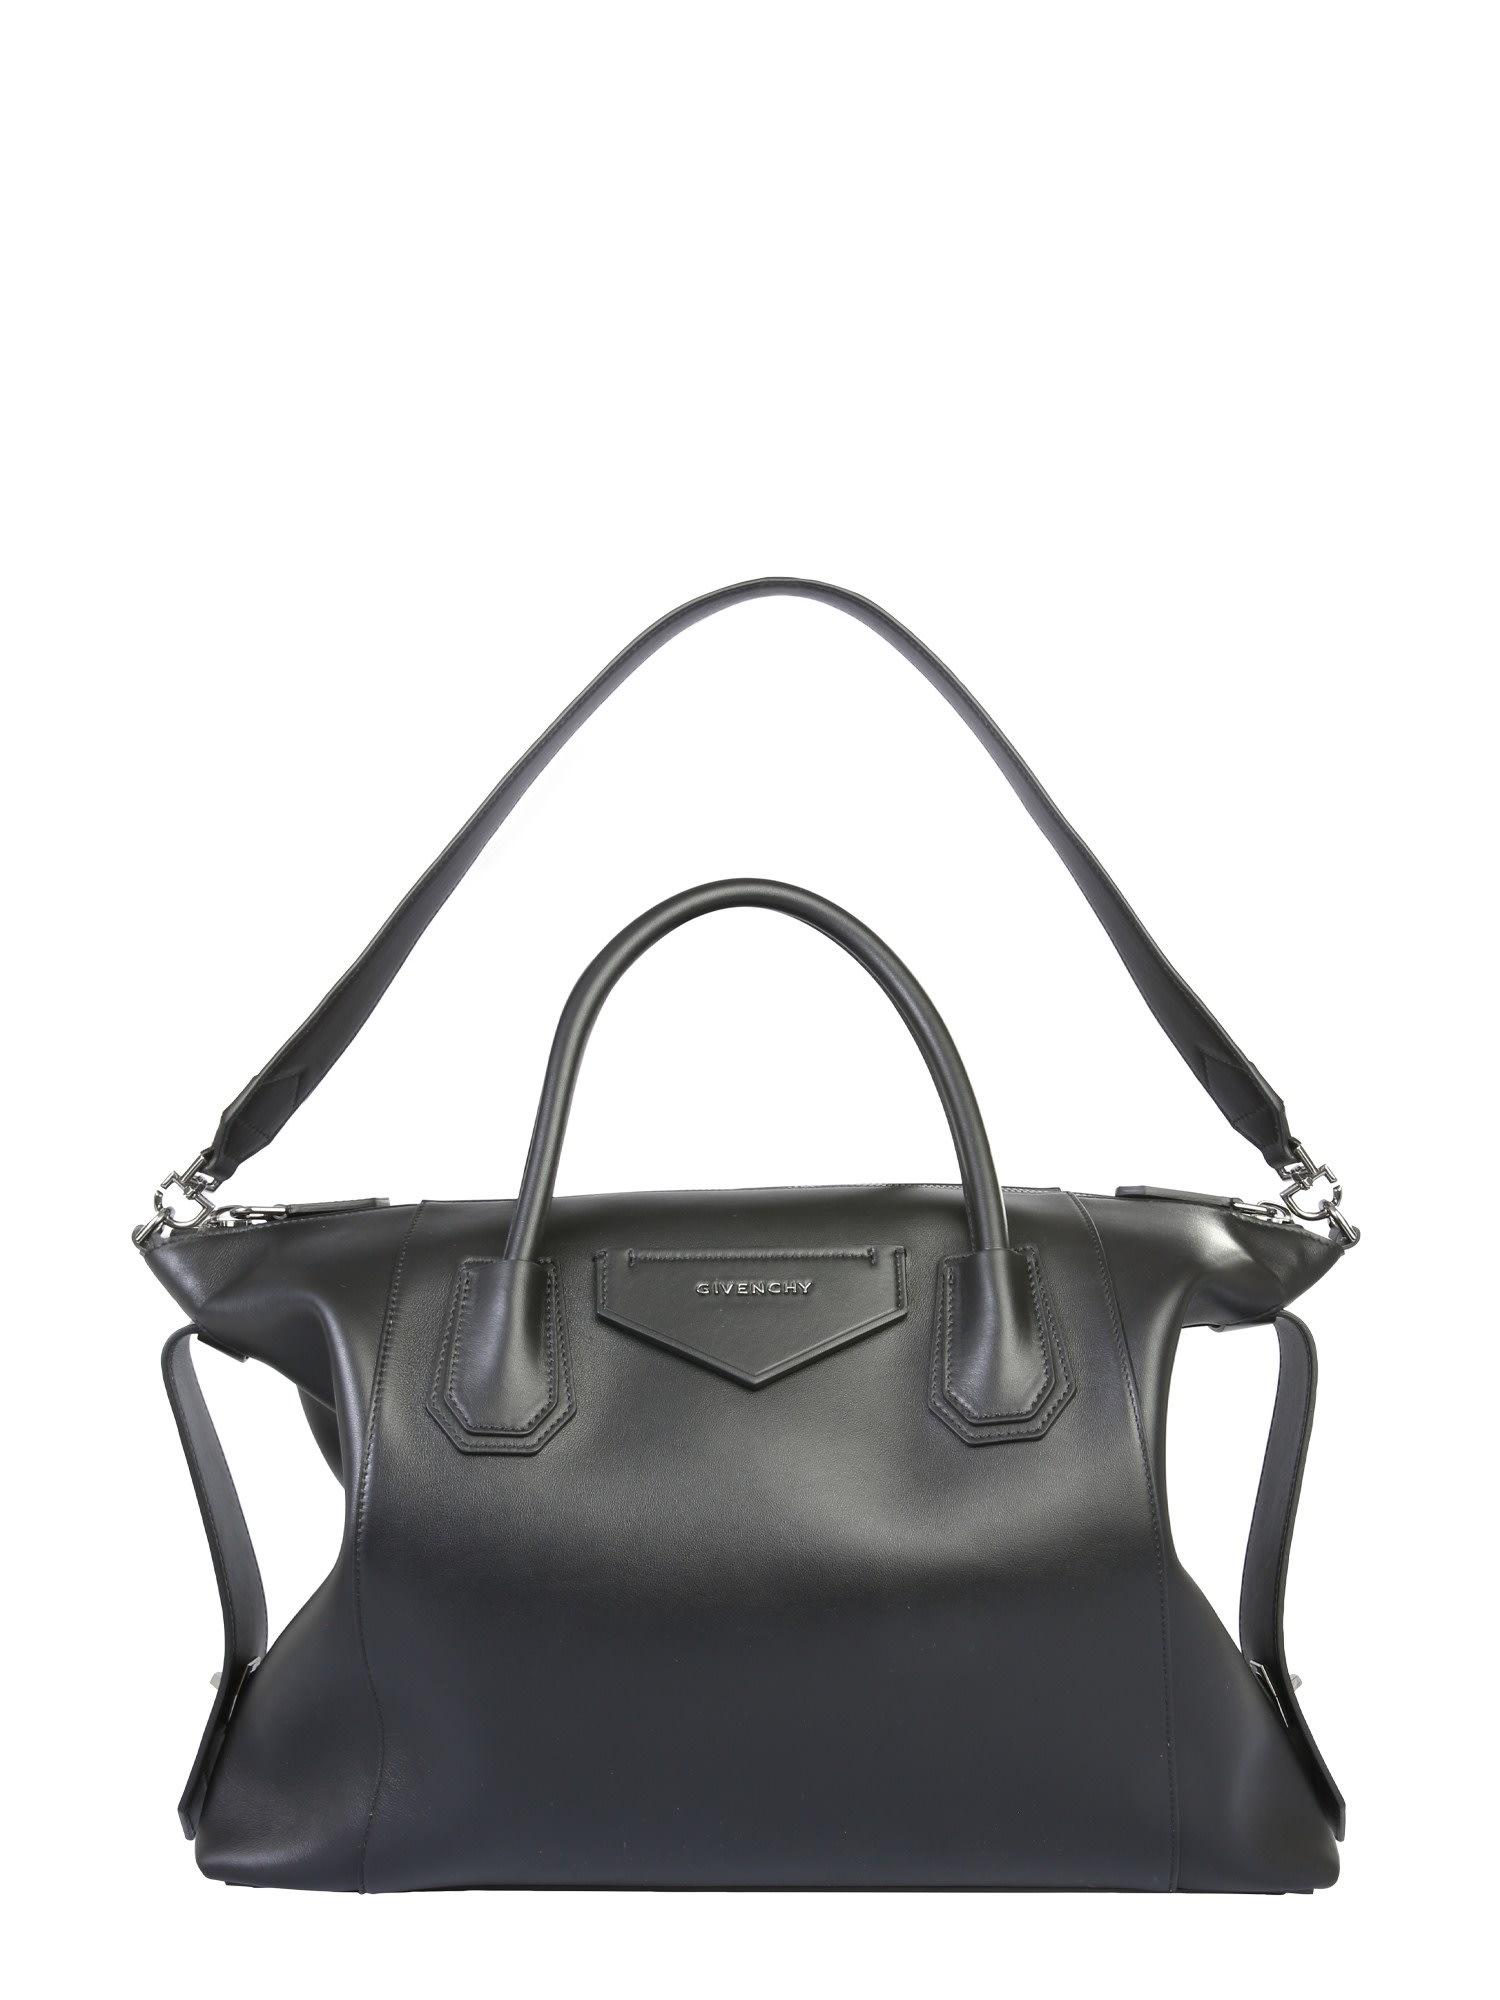 Givenchy Soft Antigona Bag